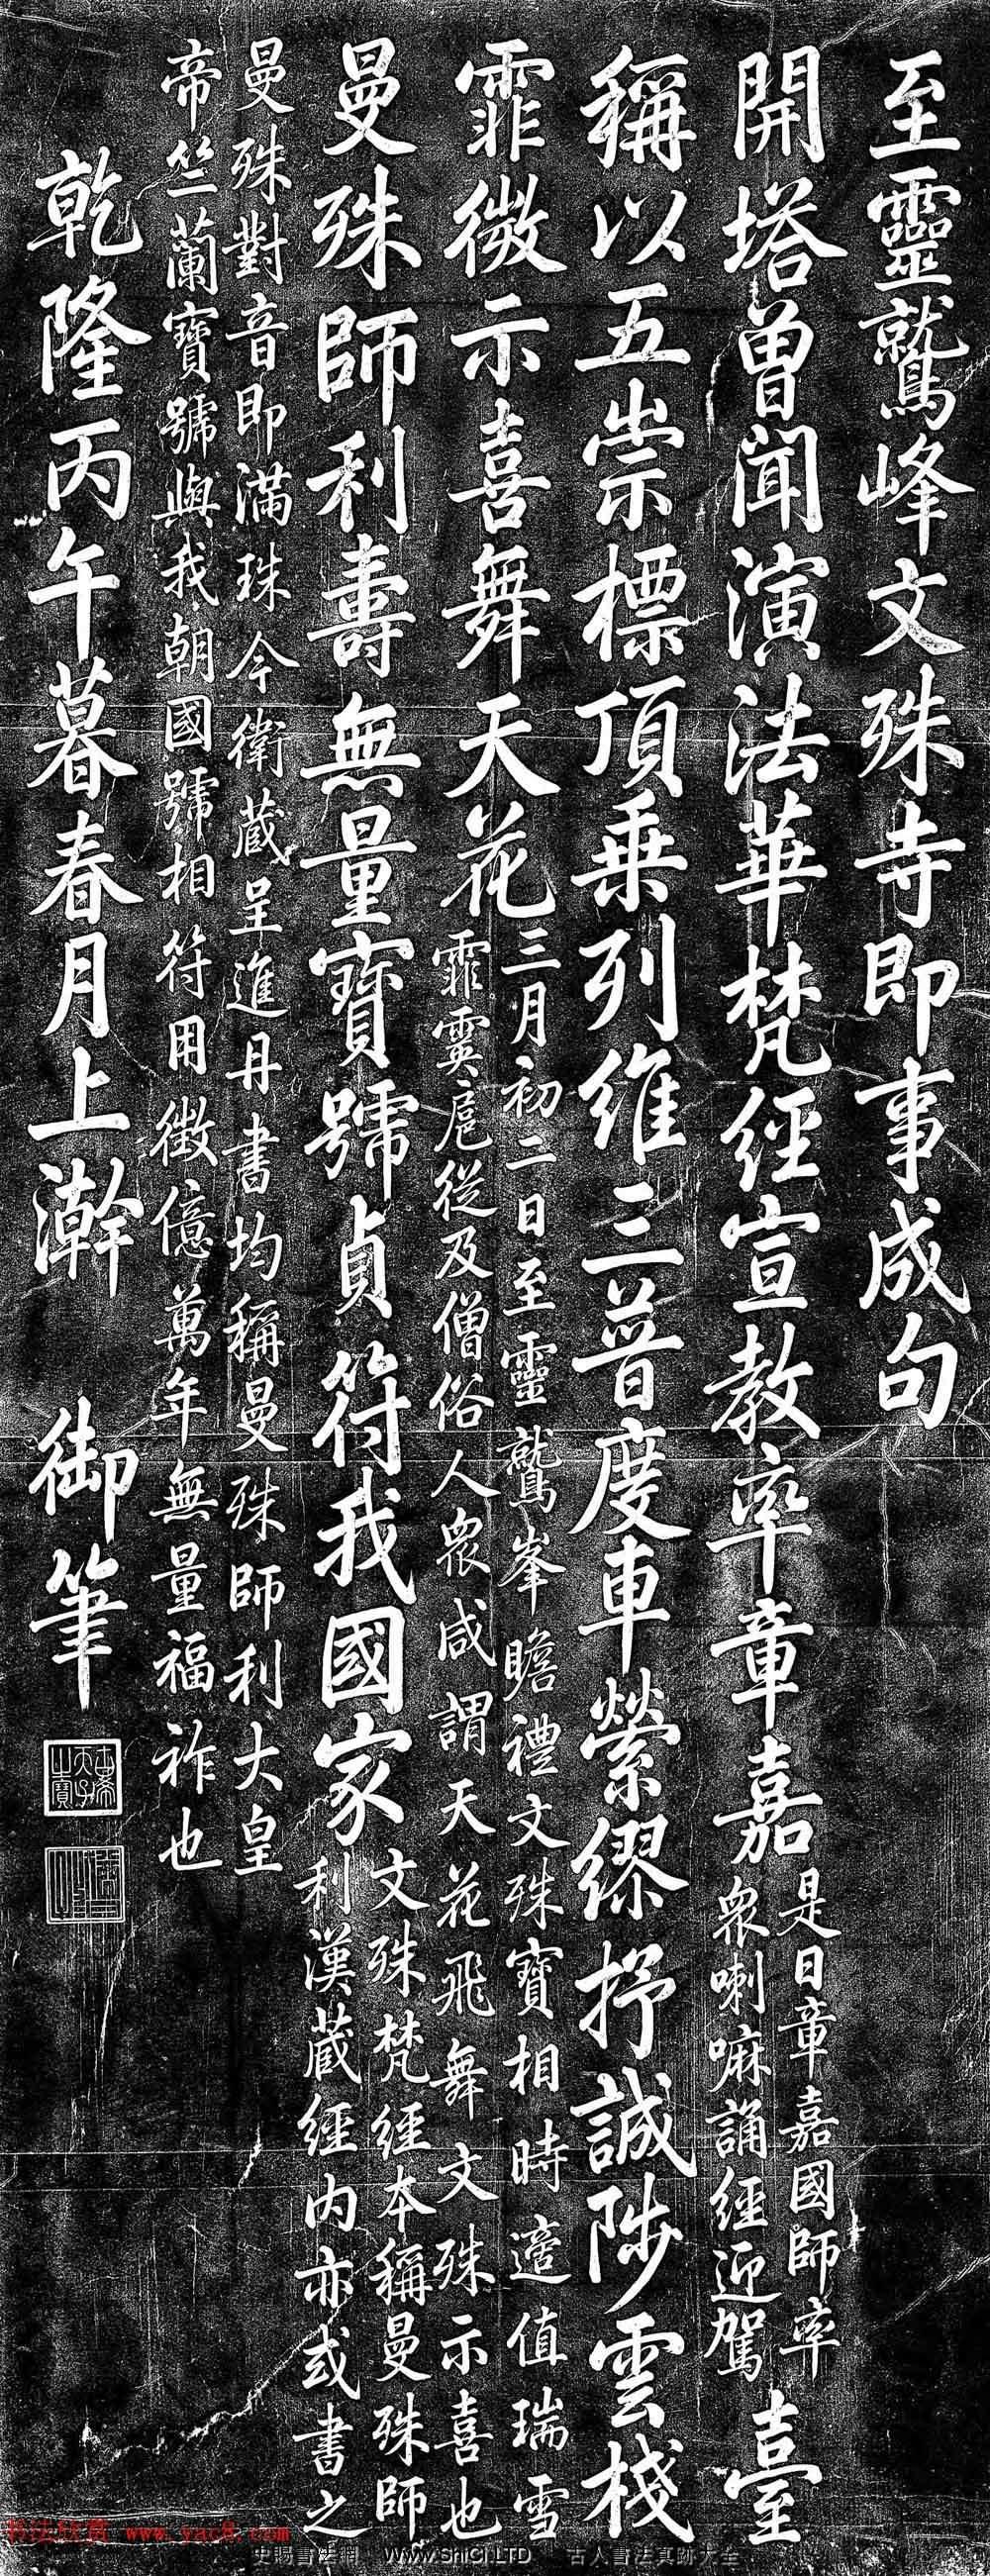 清朝乾隆皇帝書法題刻詩碑欣賞